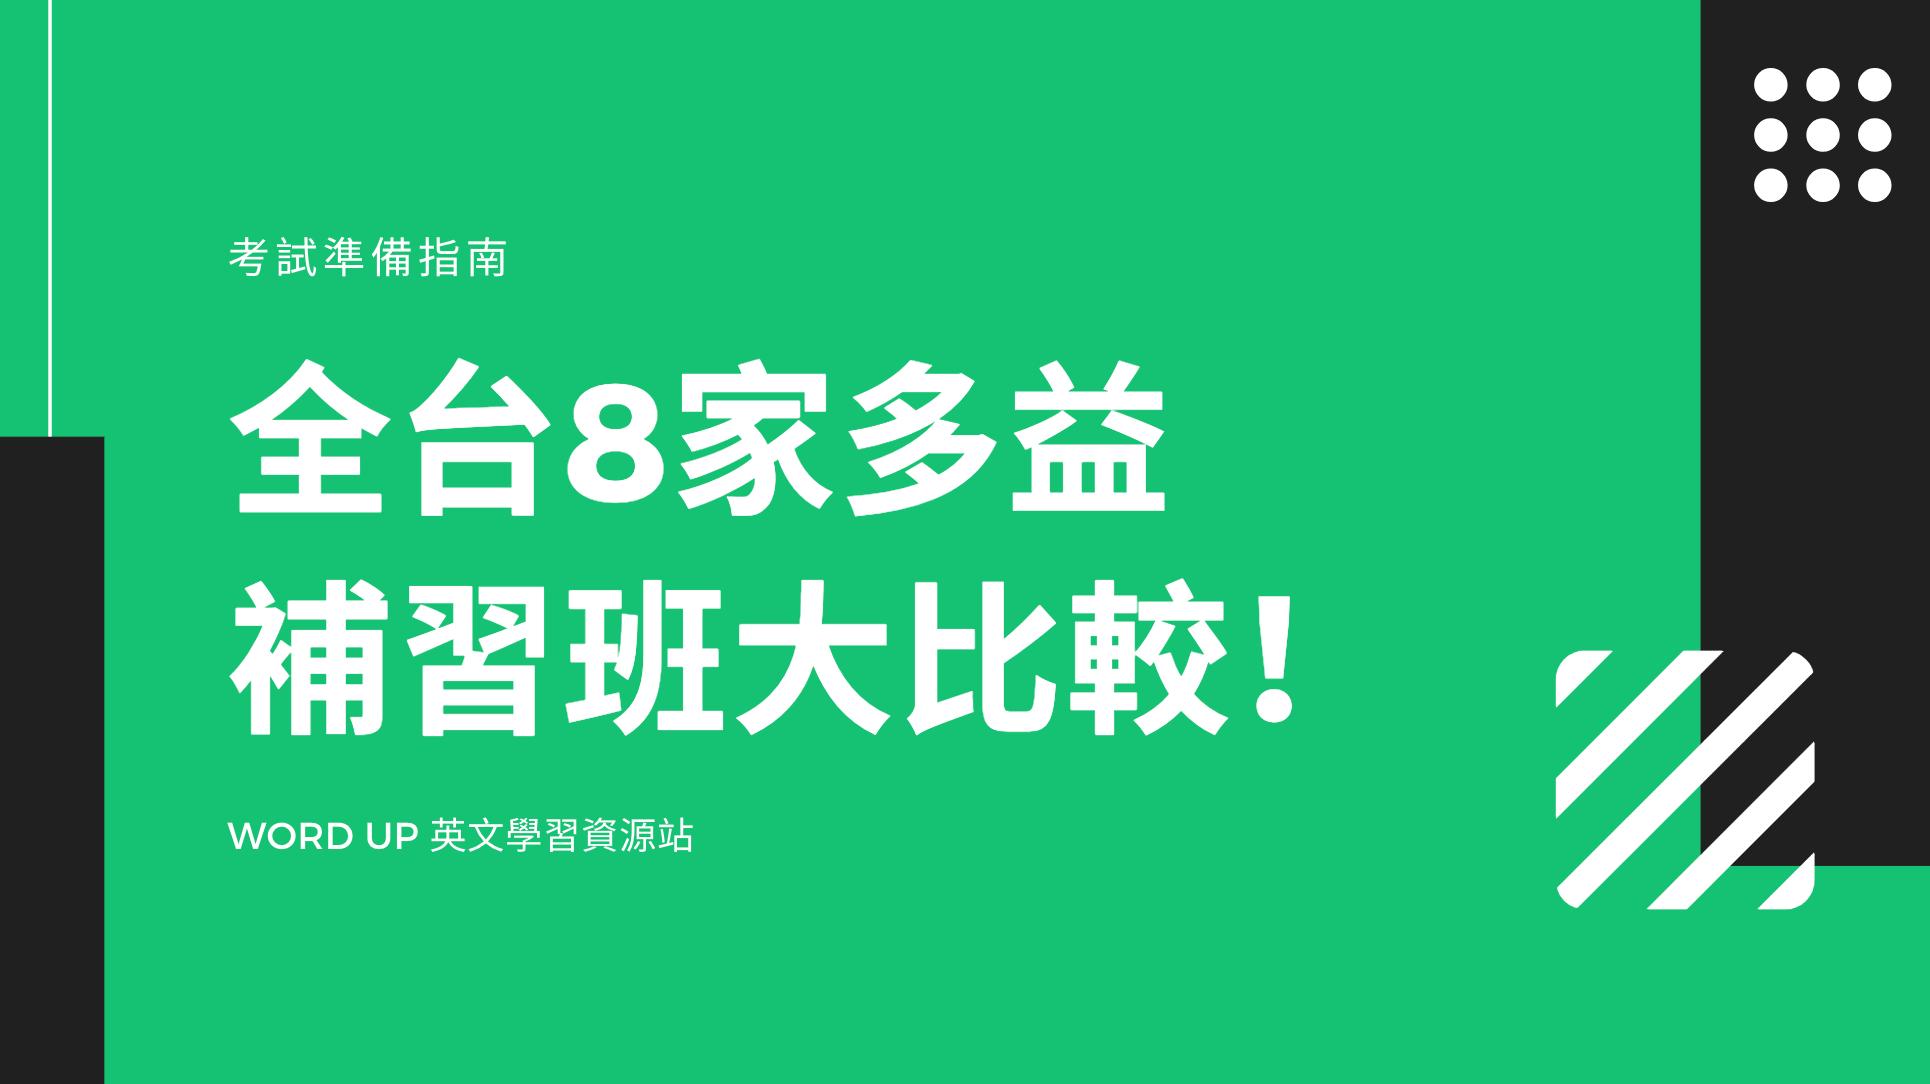 WORD UP 背單字 app - 多益補習班 封面